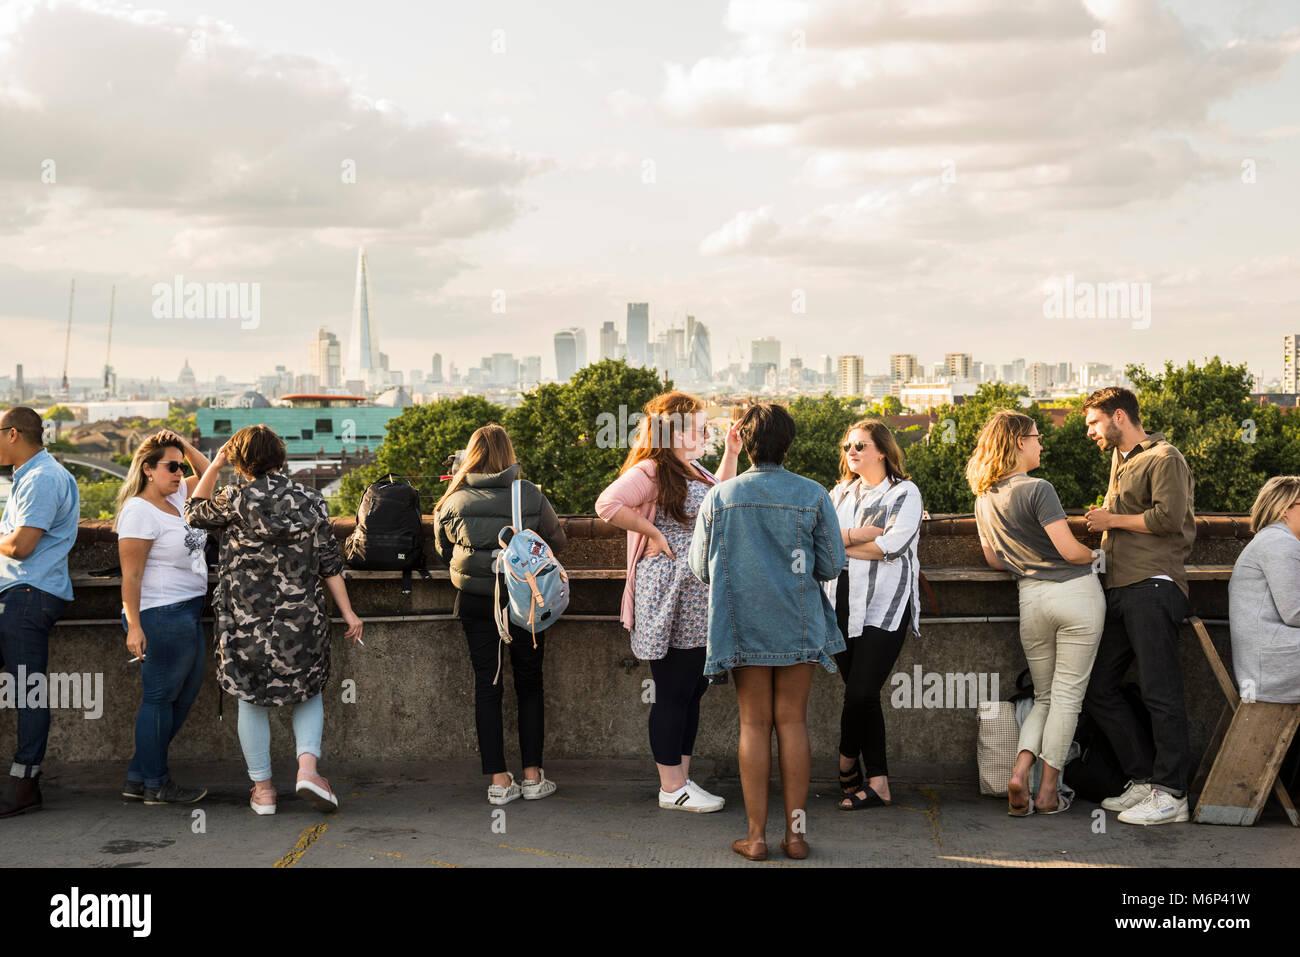 La gente di socializzare e gustare un drink insieme a Franchi outdoor cafe bar sul tetto con vista della città. Immagini Stock